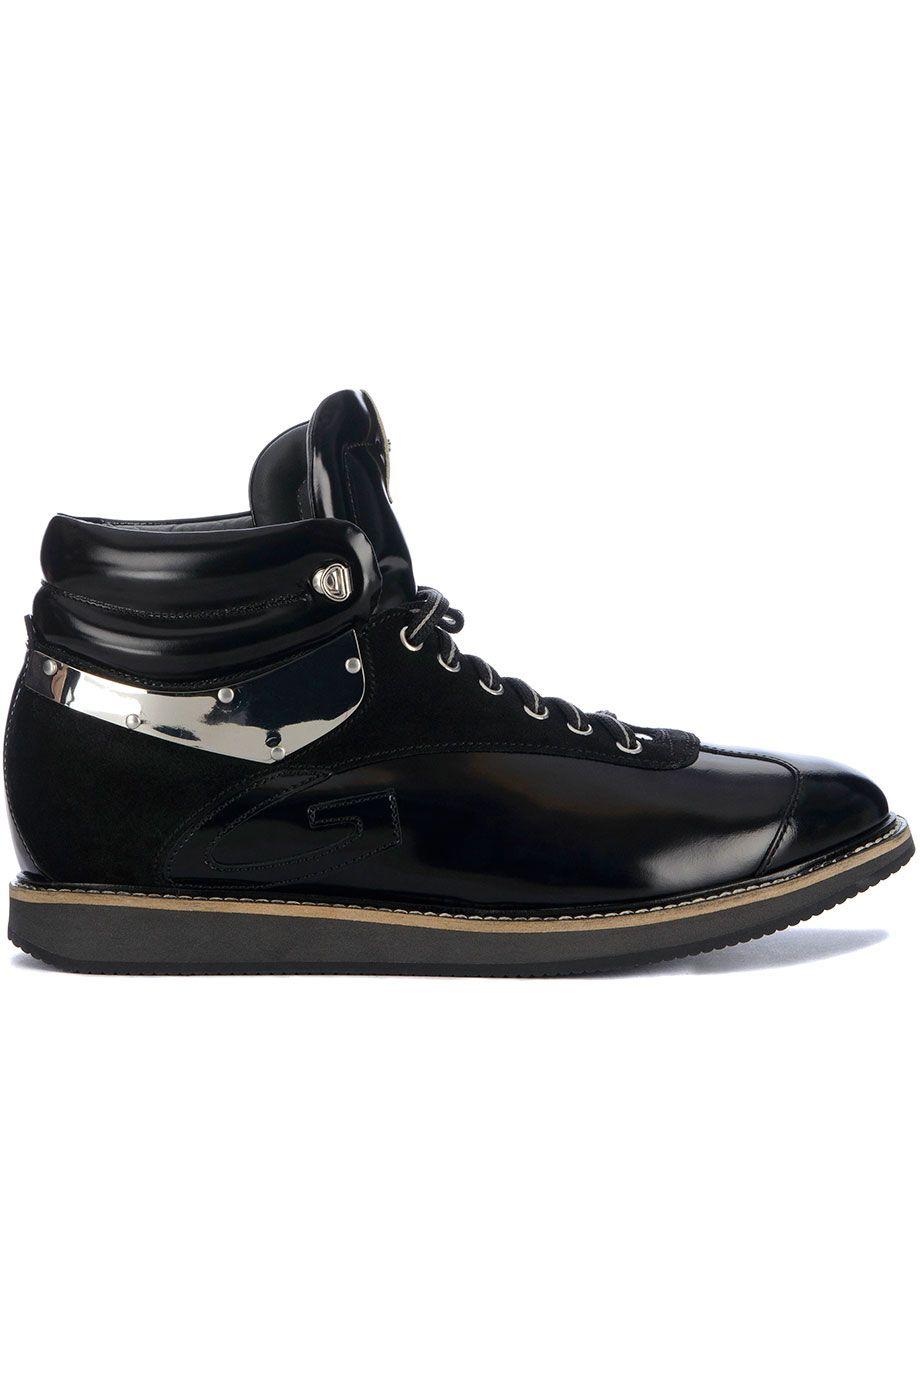 Stoere Alberto Guardiani 69411 (zwart) Heren sneakers van het merk alberto guardiani . Uitgevoerd in zwart.